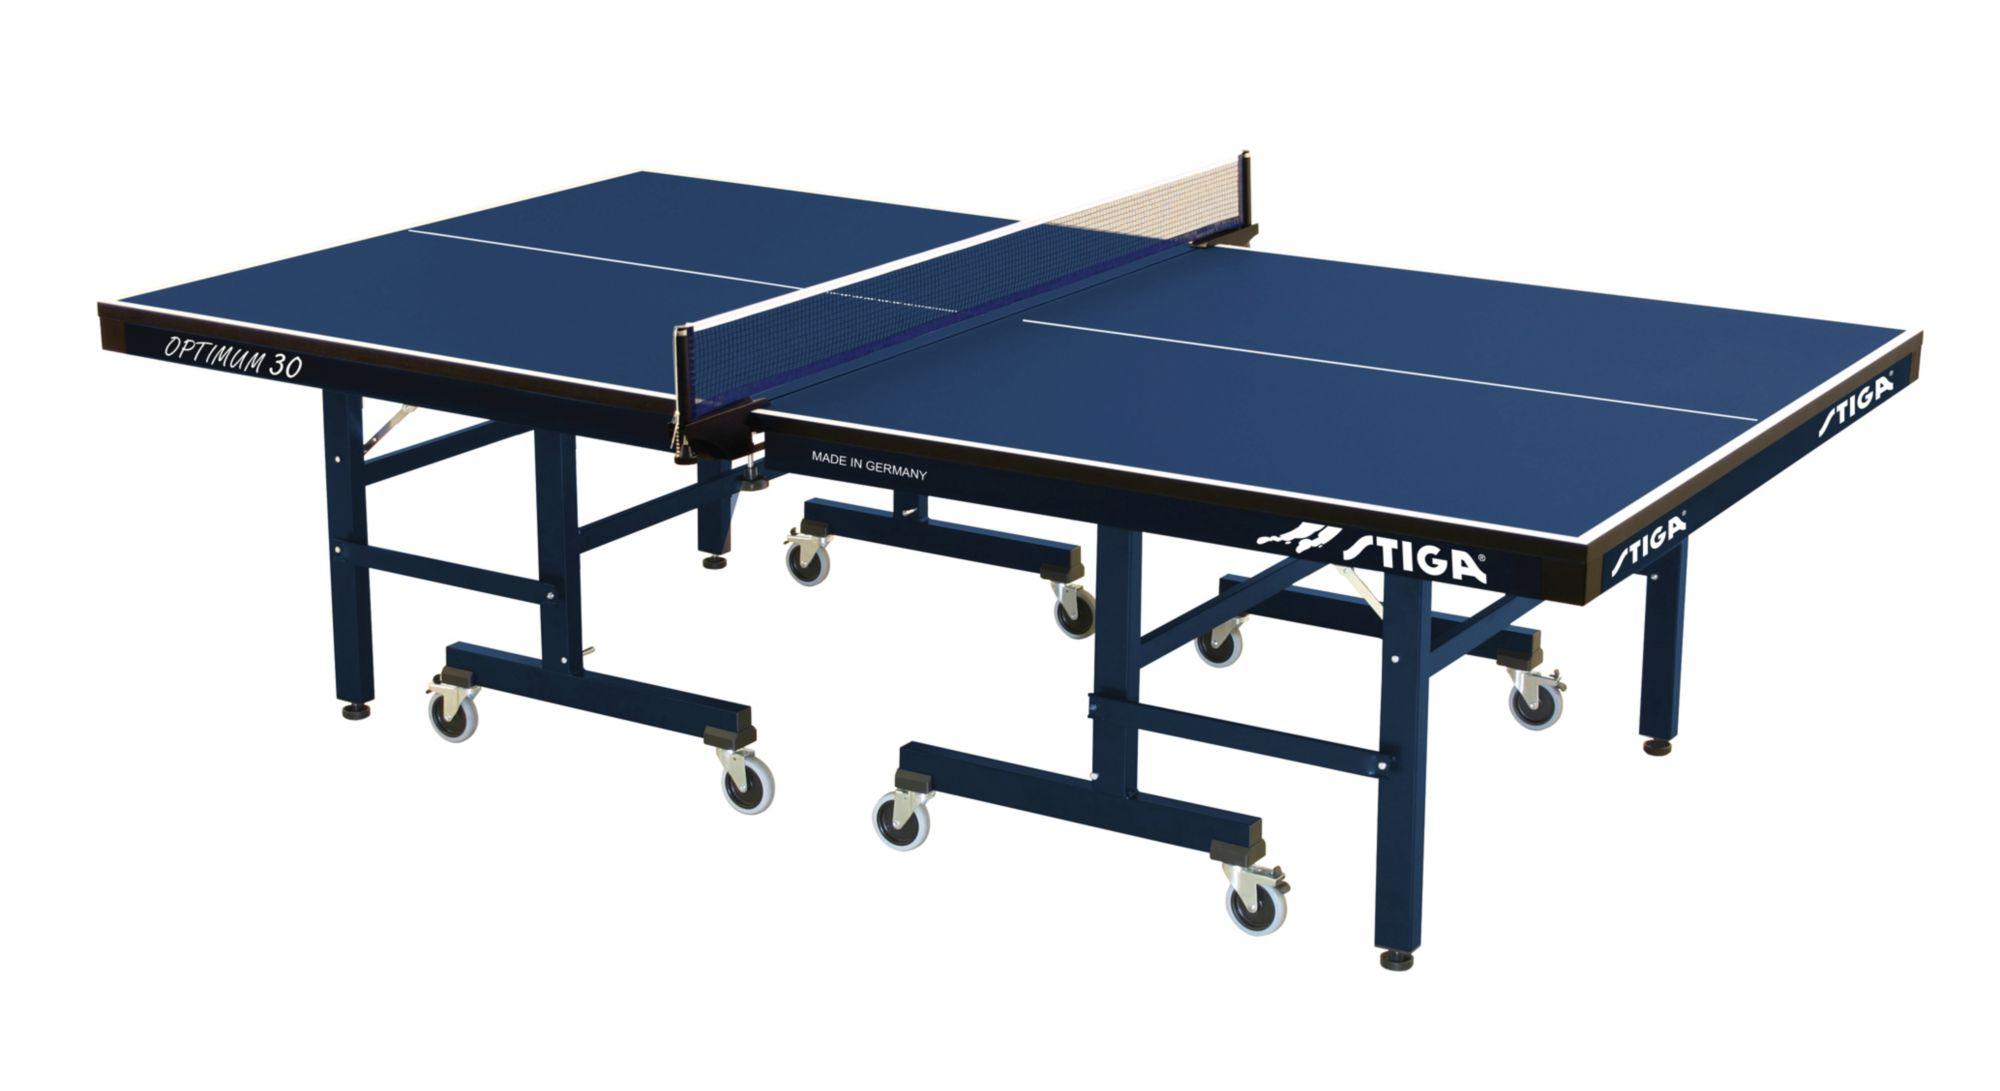 Stiga Optimum 30 Indoor Table Tennis Table